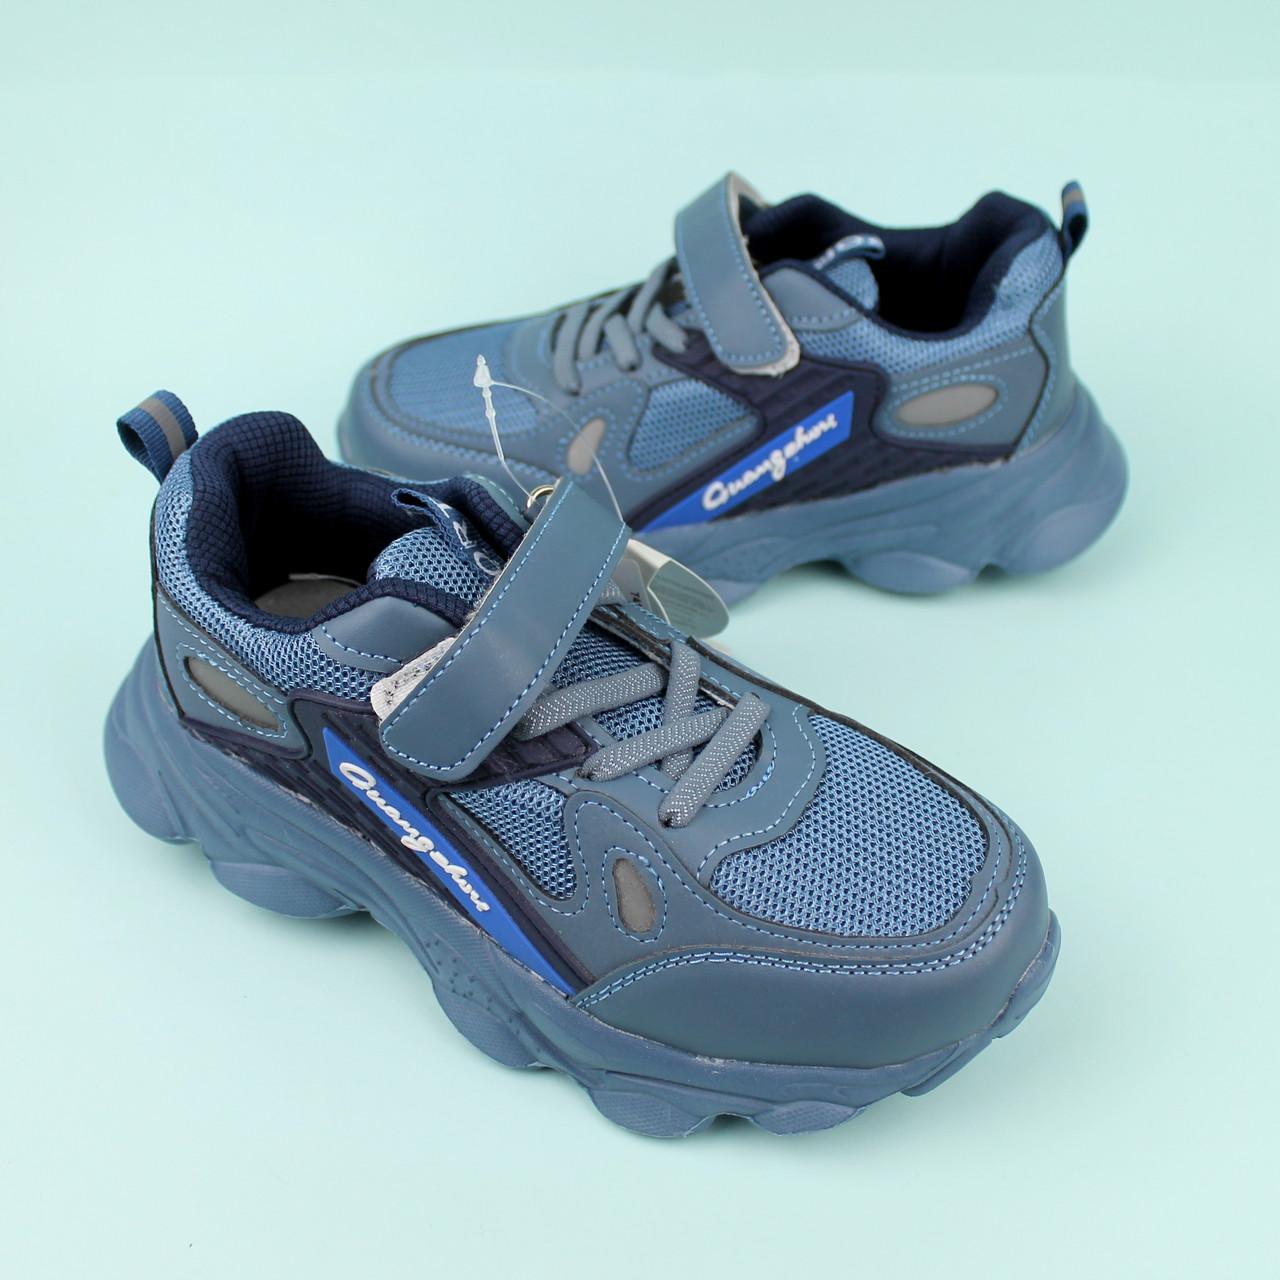 Кроссовки для мальчика подростка от тм Tom.m размер 33,34,35,36,37,38